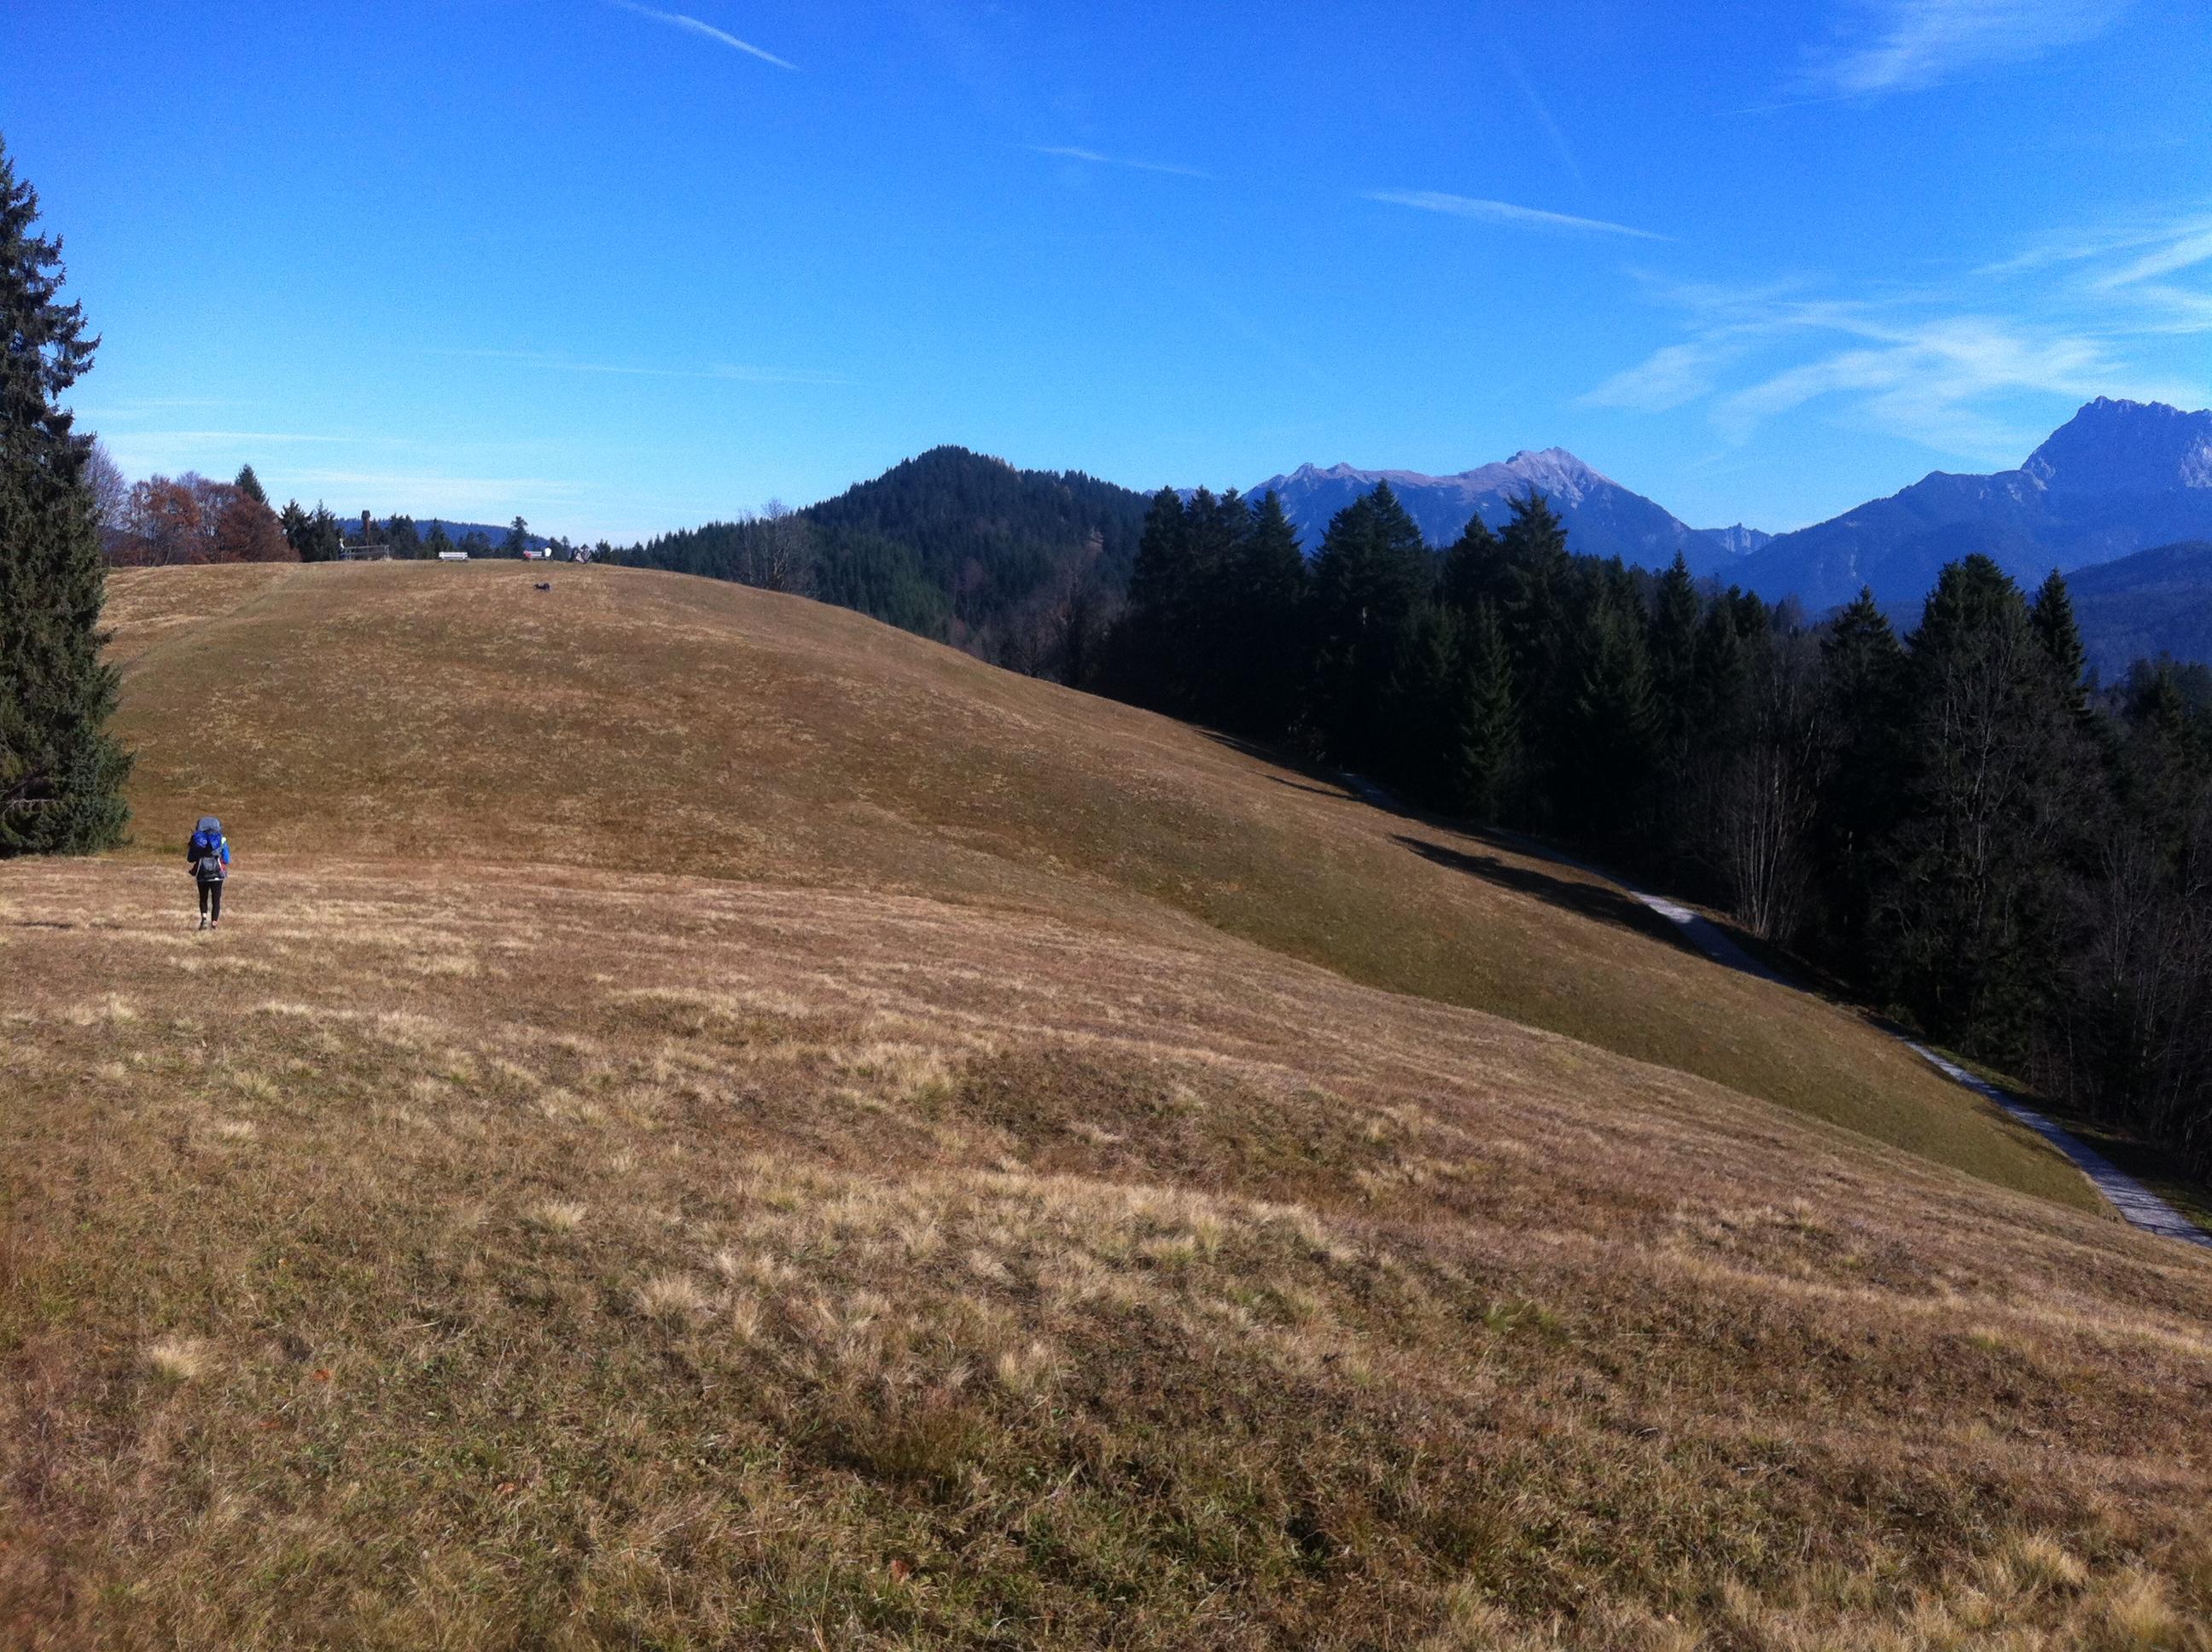 Auf der Suche nach einem Platz auf der Bergwiese für die Mittagspause.